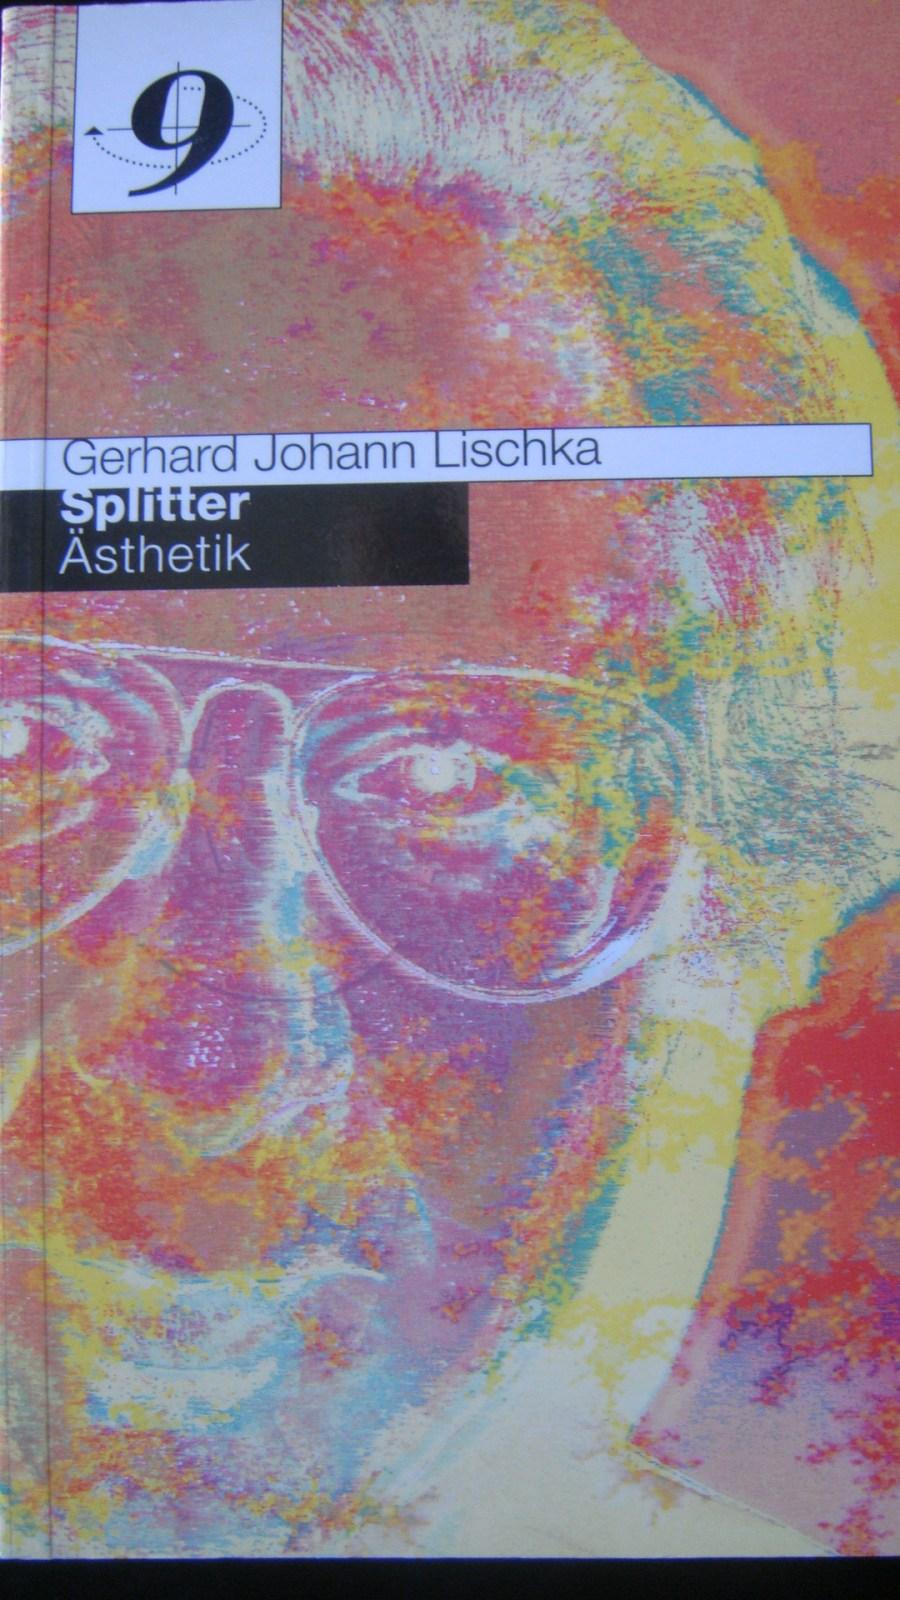 splitter-asthetik